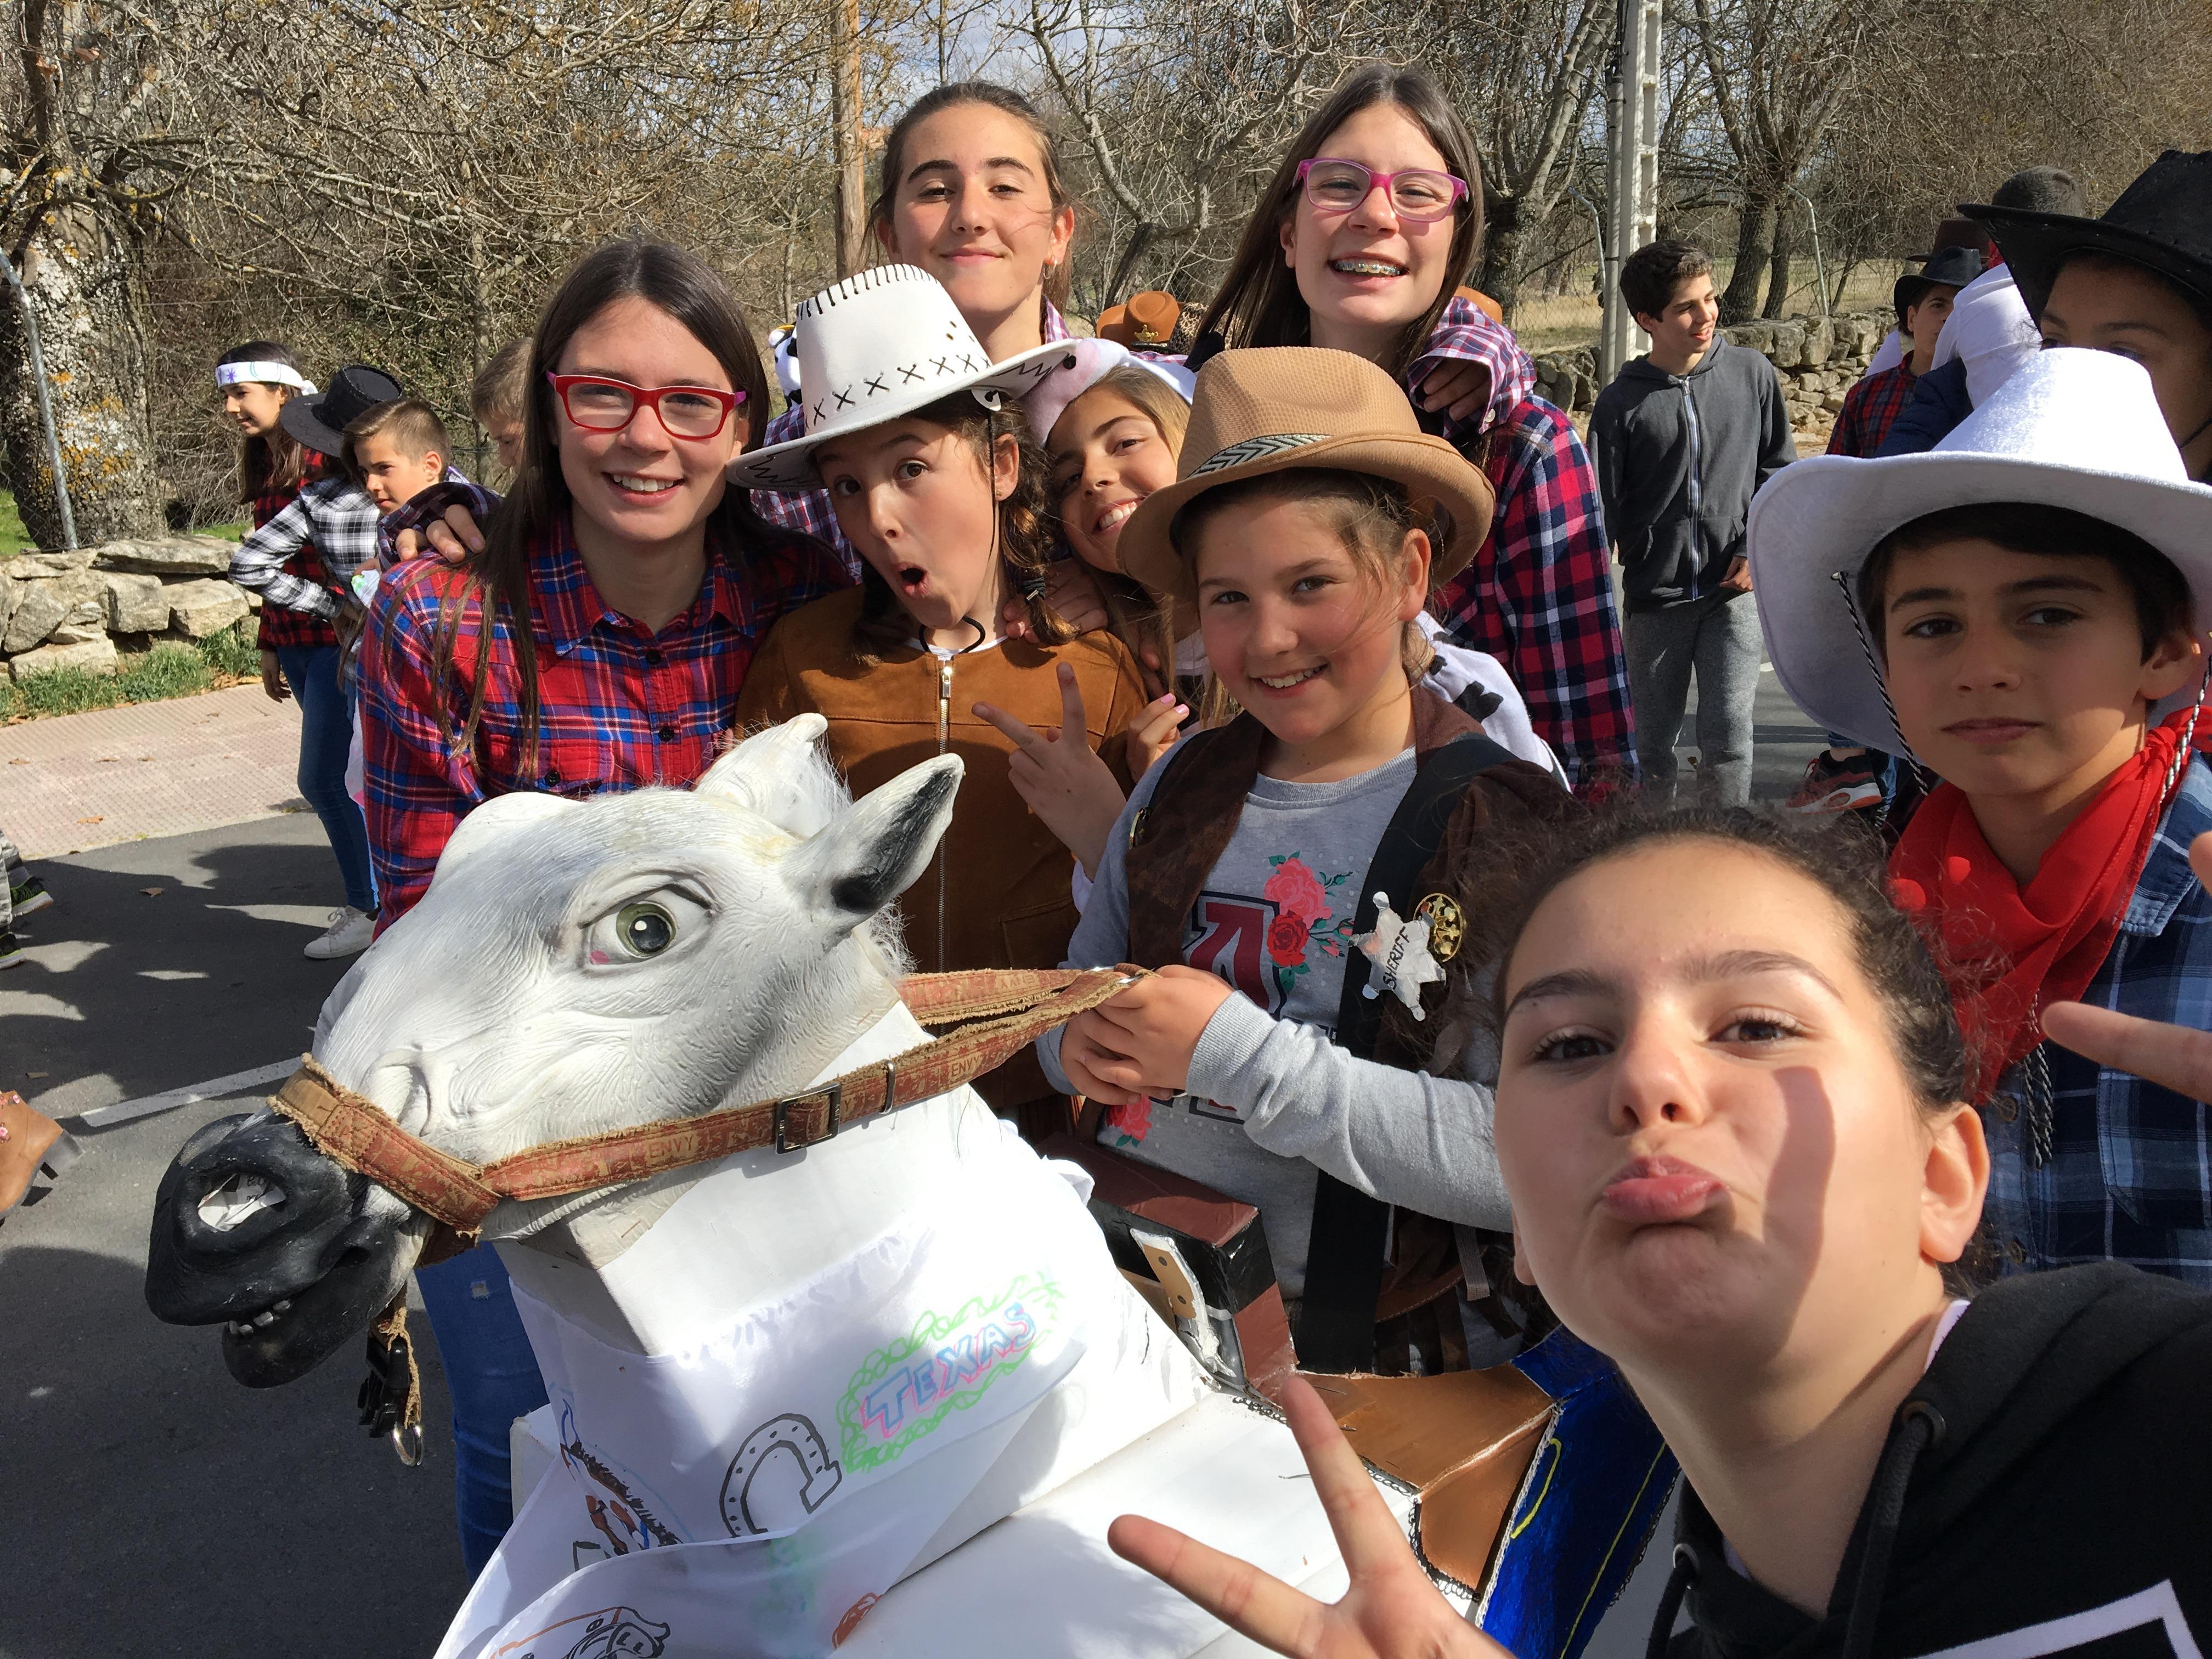 6º disfrutando del Carnaval: El Rodeo de Texas. 3